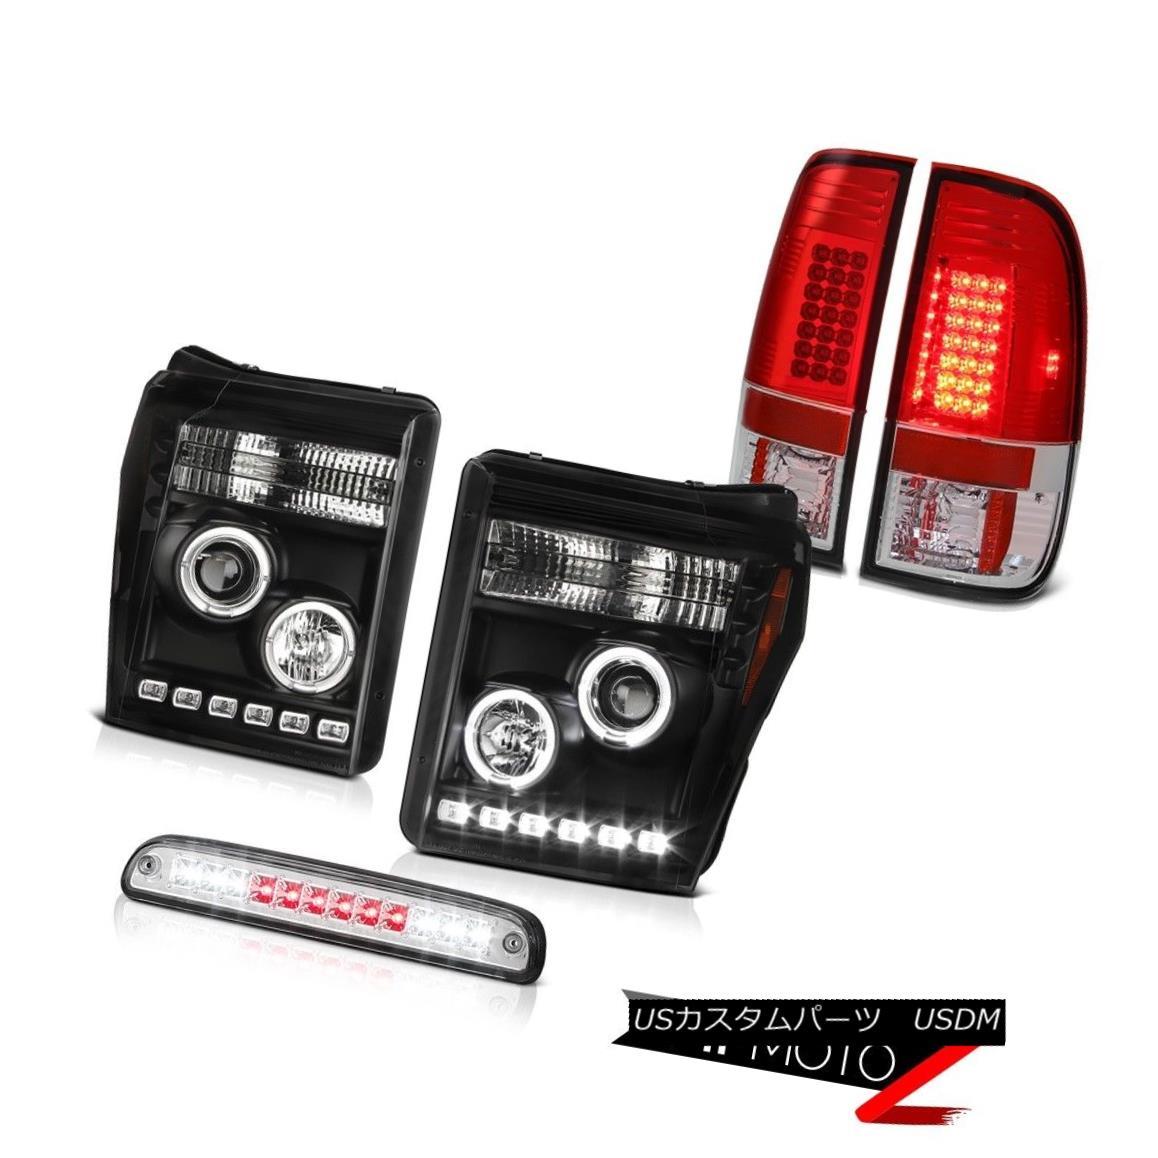 テールライト 11-16 F250 King Ranch Euro Chrome Third Brake Lamp Red Rear Lights Headlights 11-16 F250キングランチユーロクロム第3ブレーキランプレッドリアライトヘッドライト